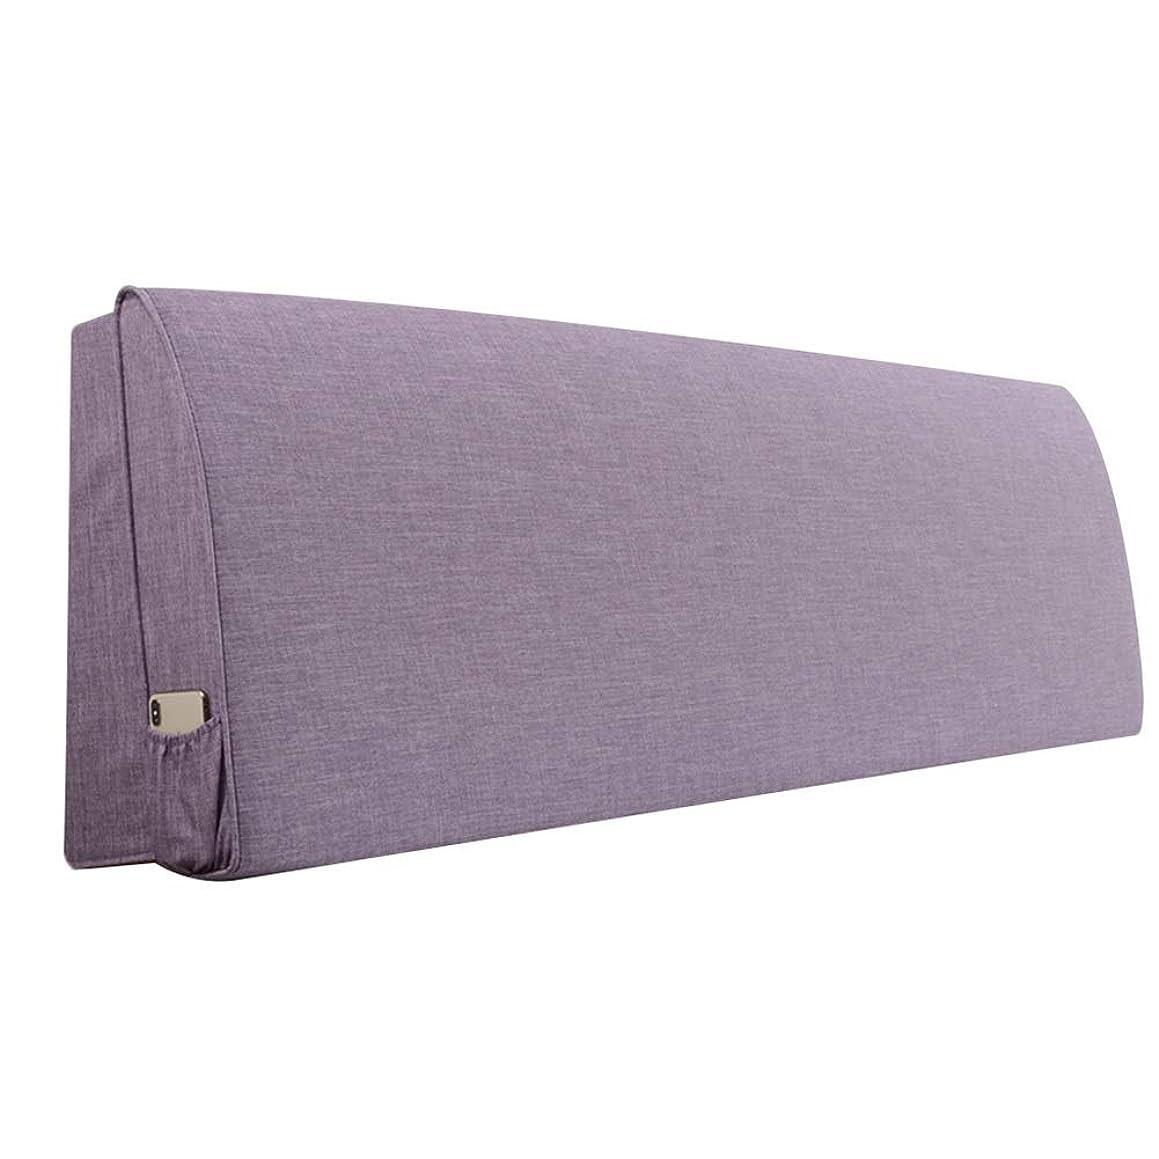 保安金銭的な吹雪LINLINZ クションベッドの背もたれ 居心地の良いドライで通気性無臭丈夫ロングジッパー 取り外しや洗浄が簡単8色、12サイズ (Color : Purple, Size : 200X10X55cm)